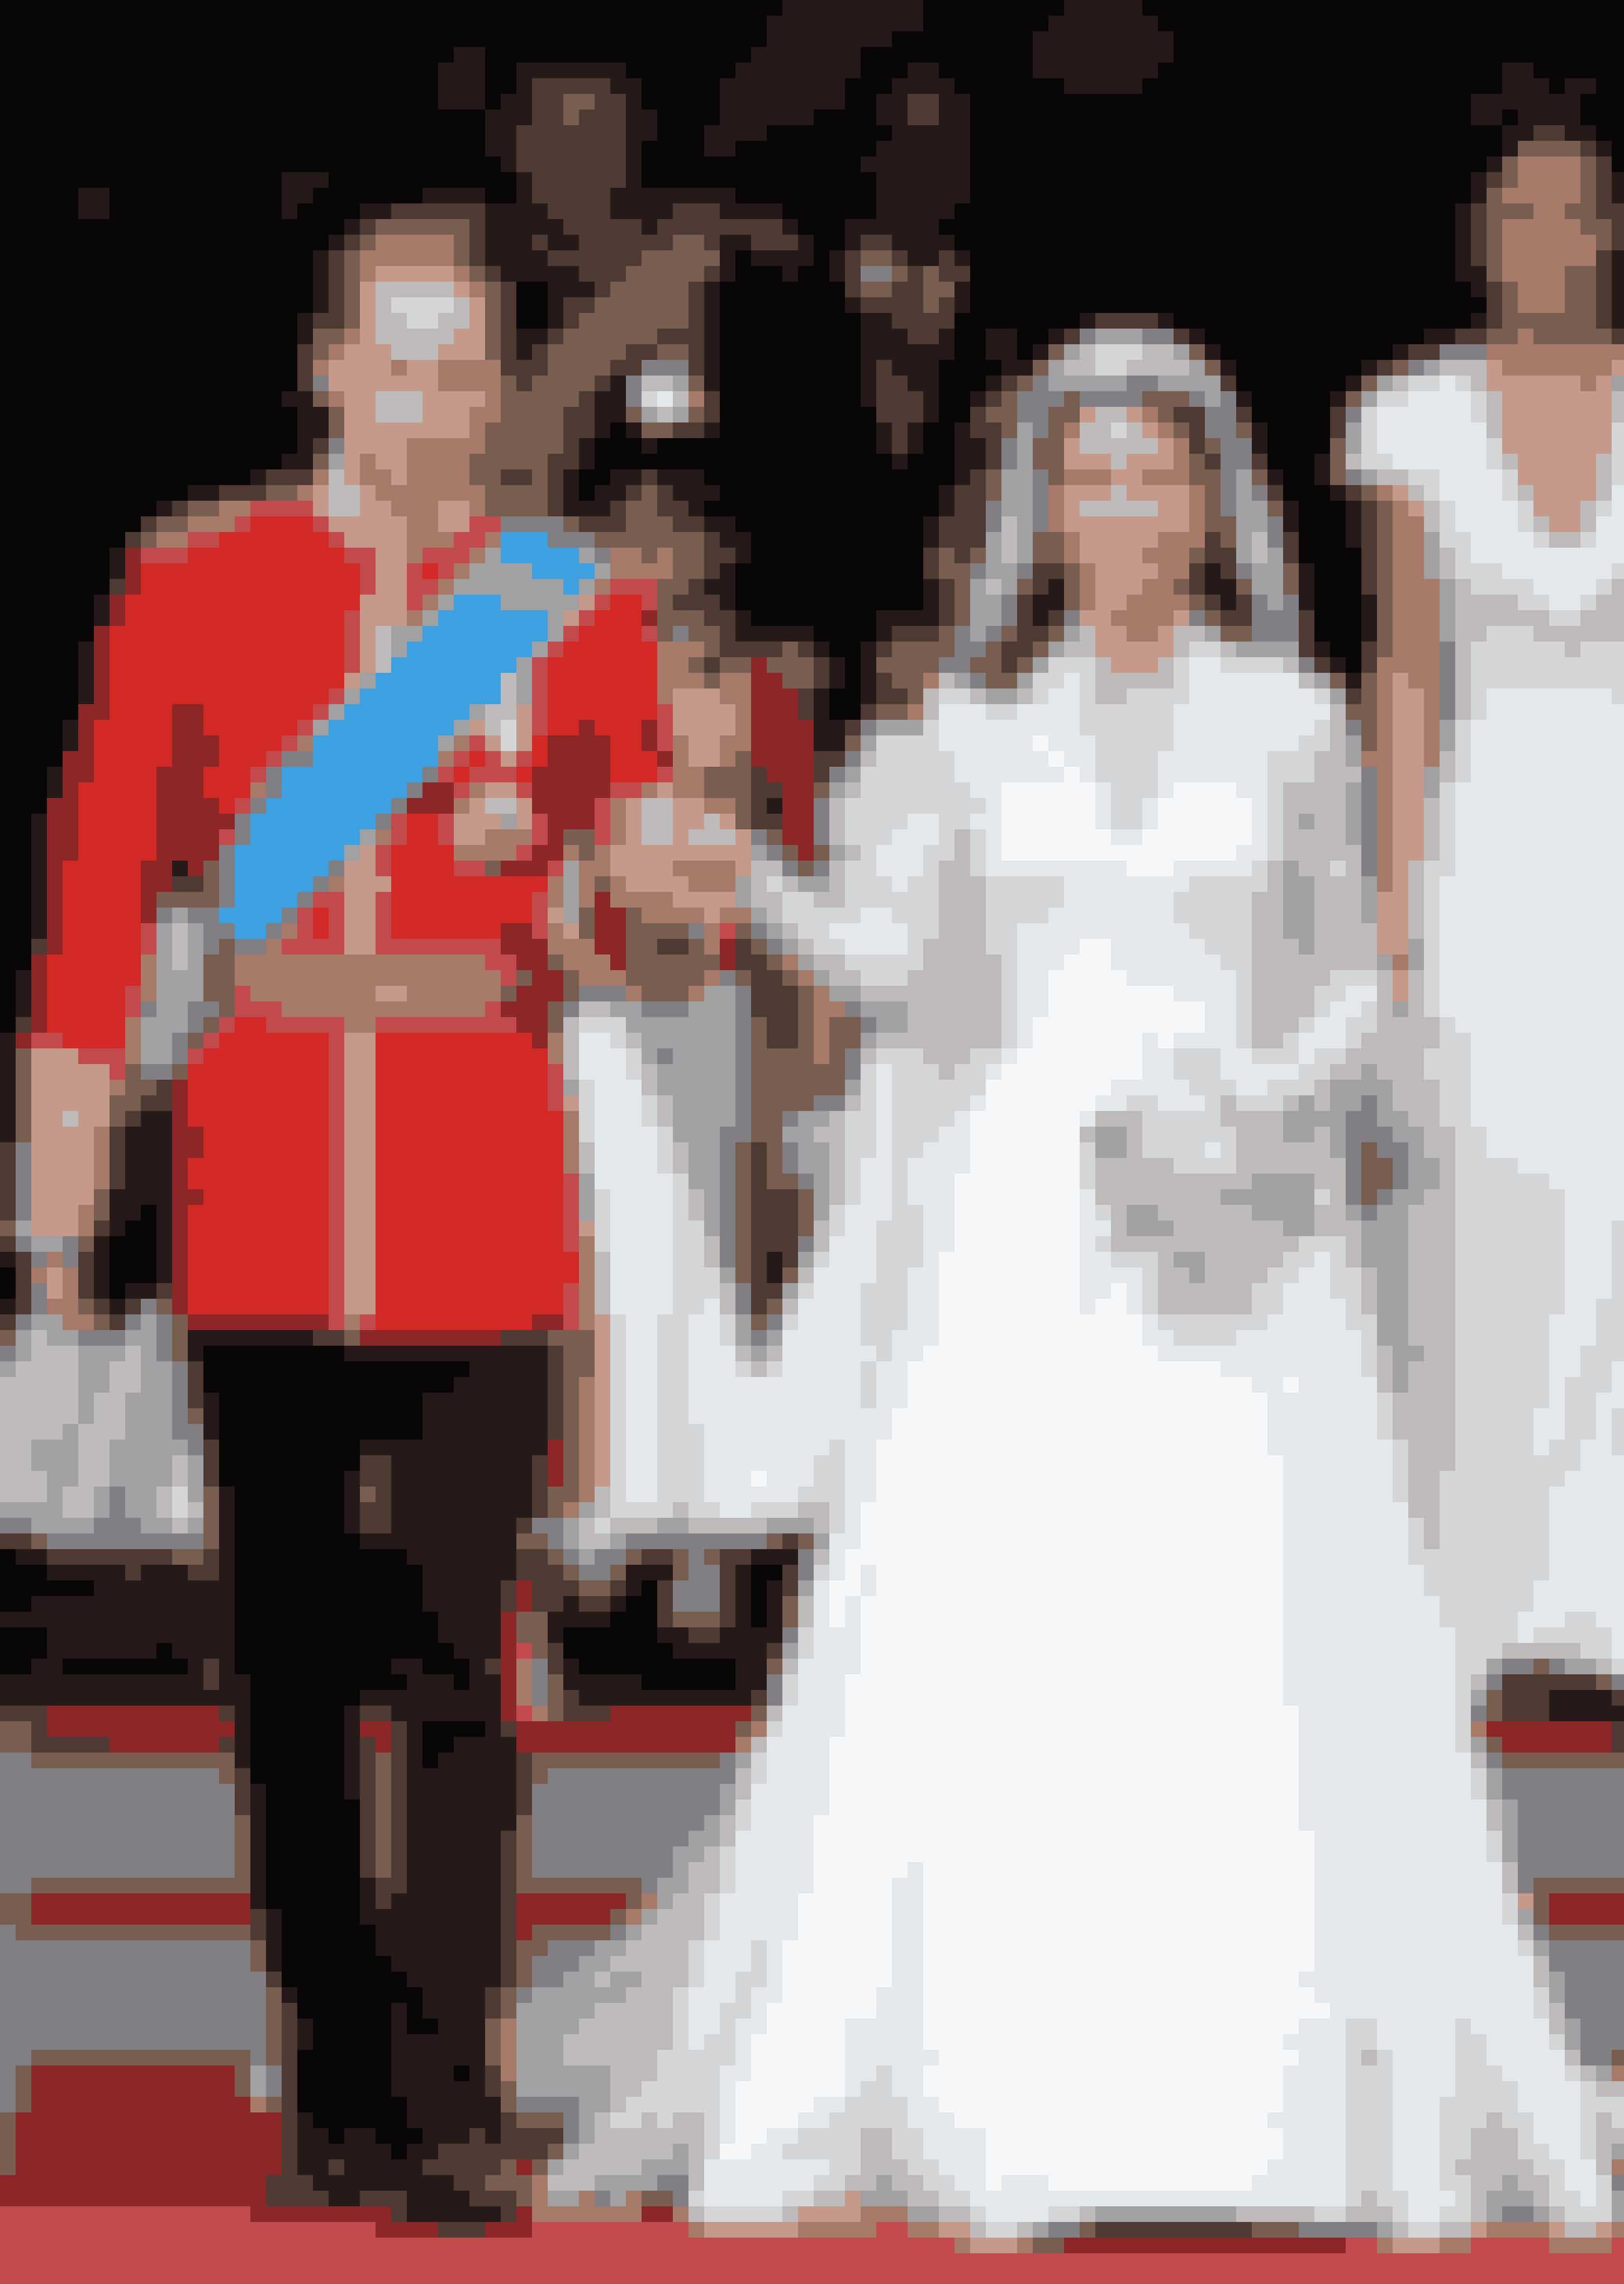 Hertuginde Kate Middleton af Cambridge iført kjole af Sarah Burton ved sit bryllup med prins William, hertug af Cambridge, 2011.